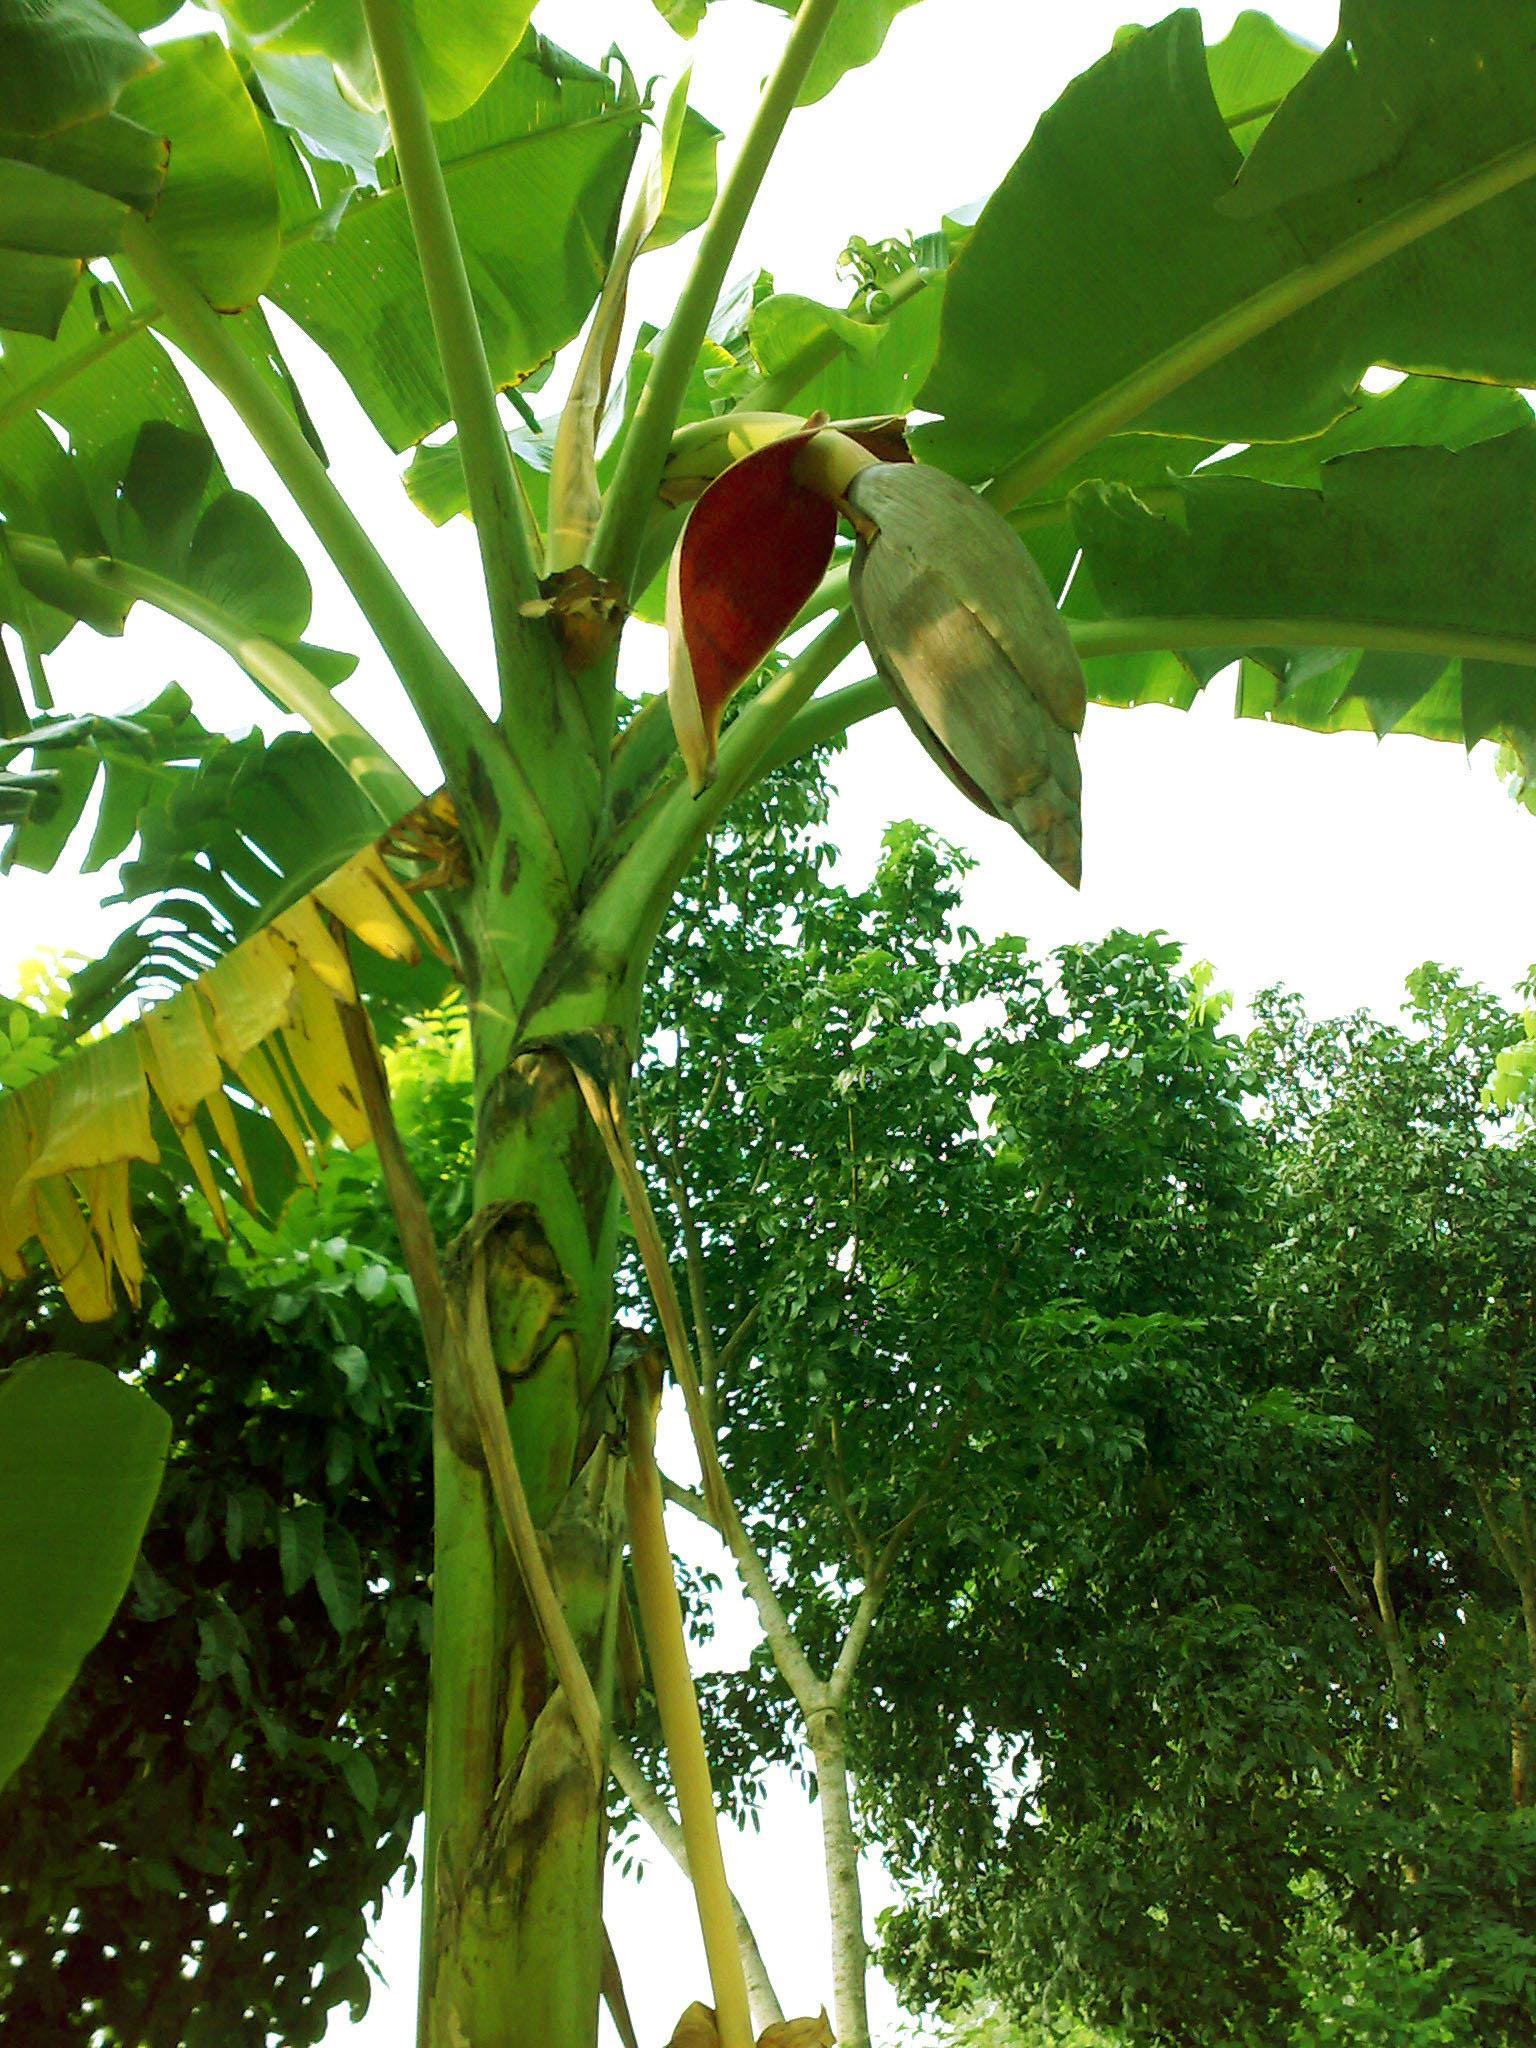 banana tree - photo #15